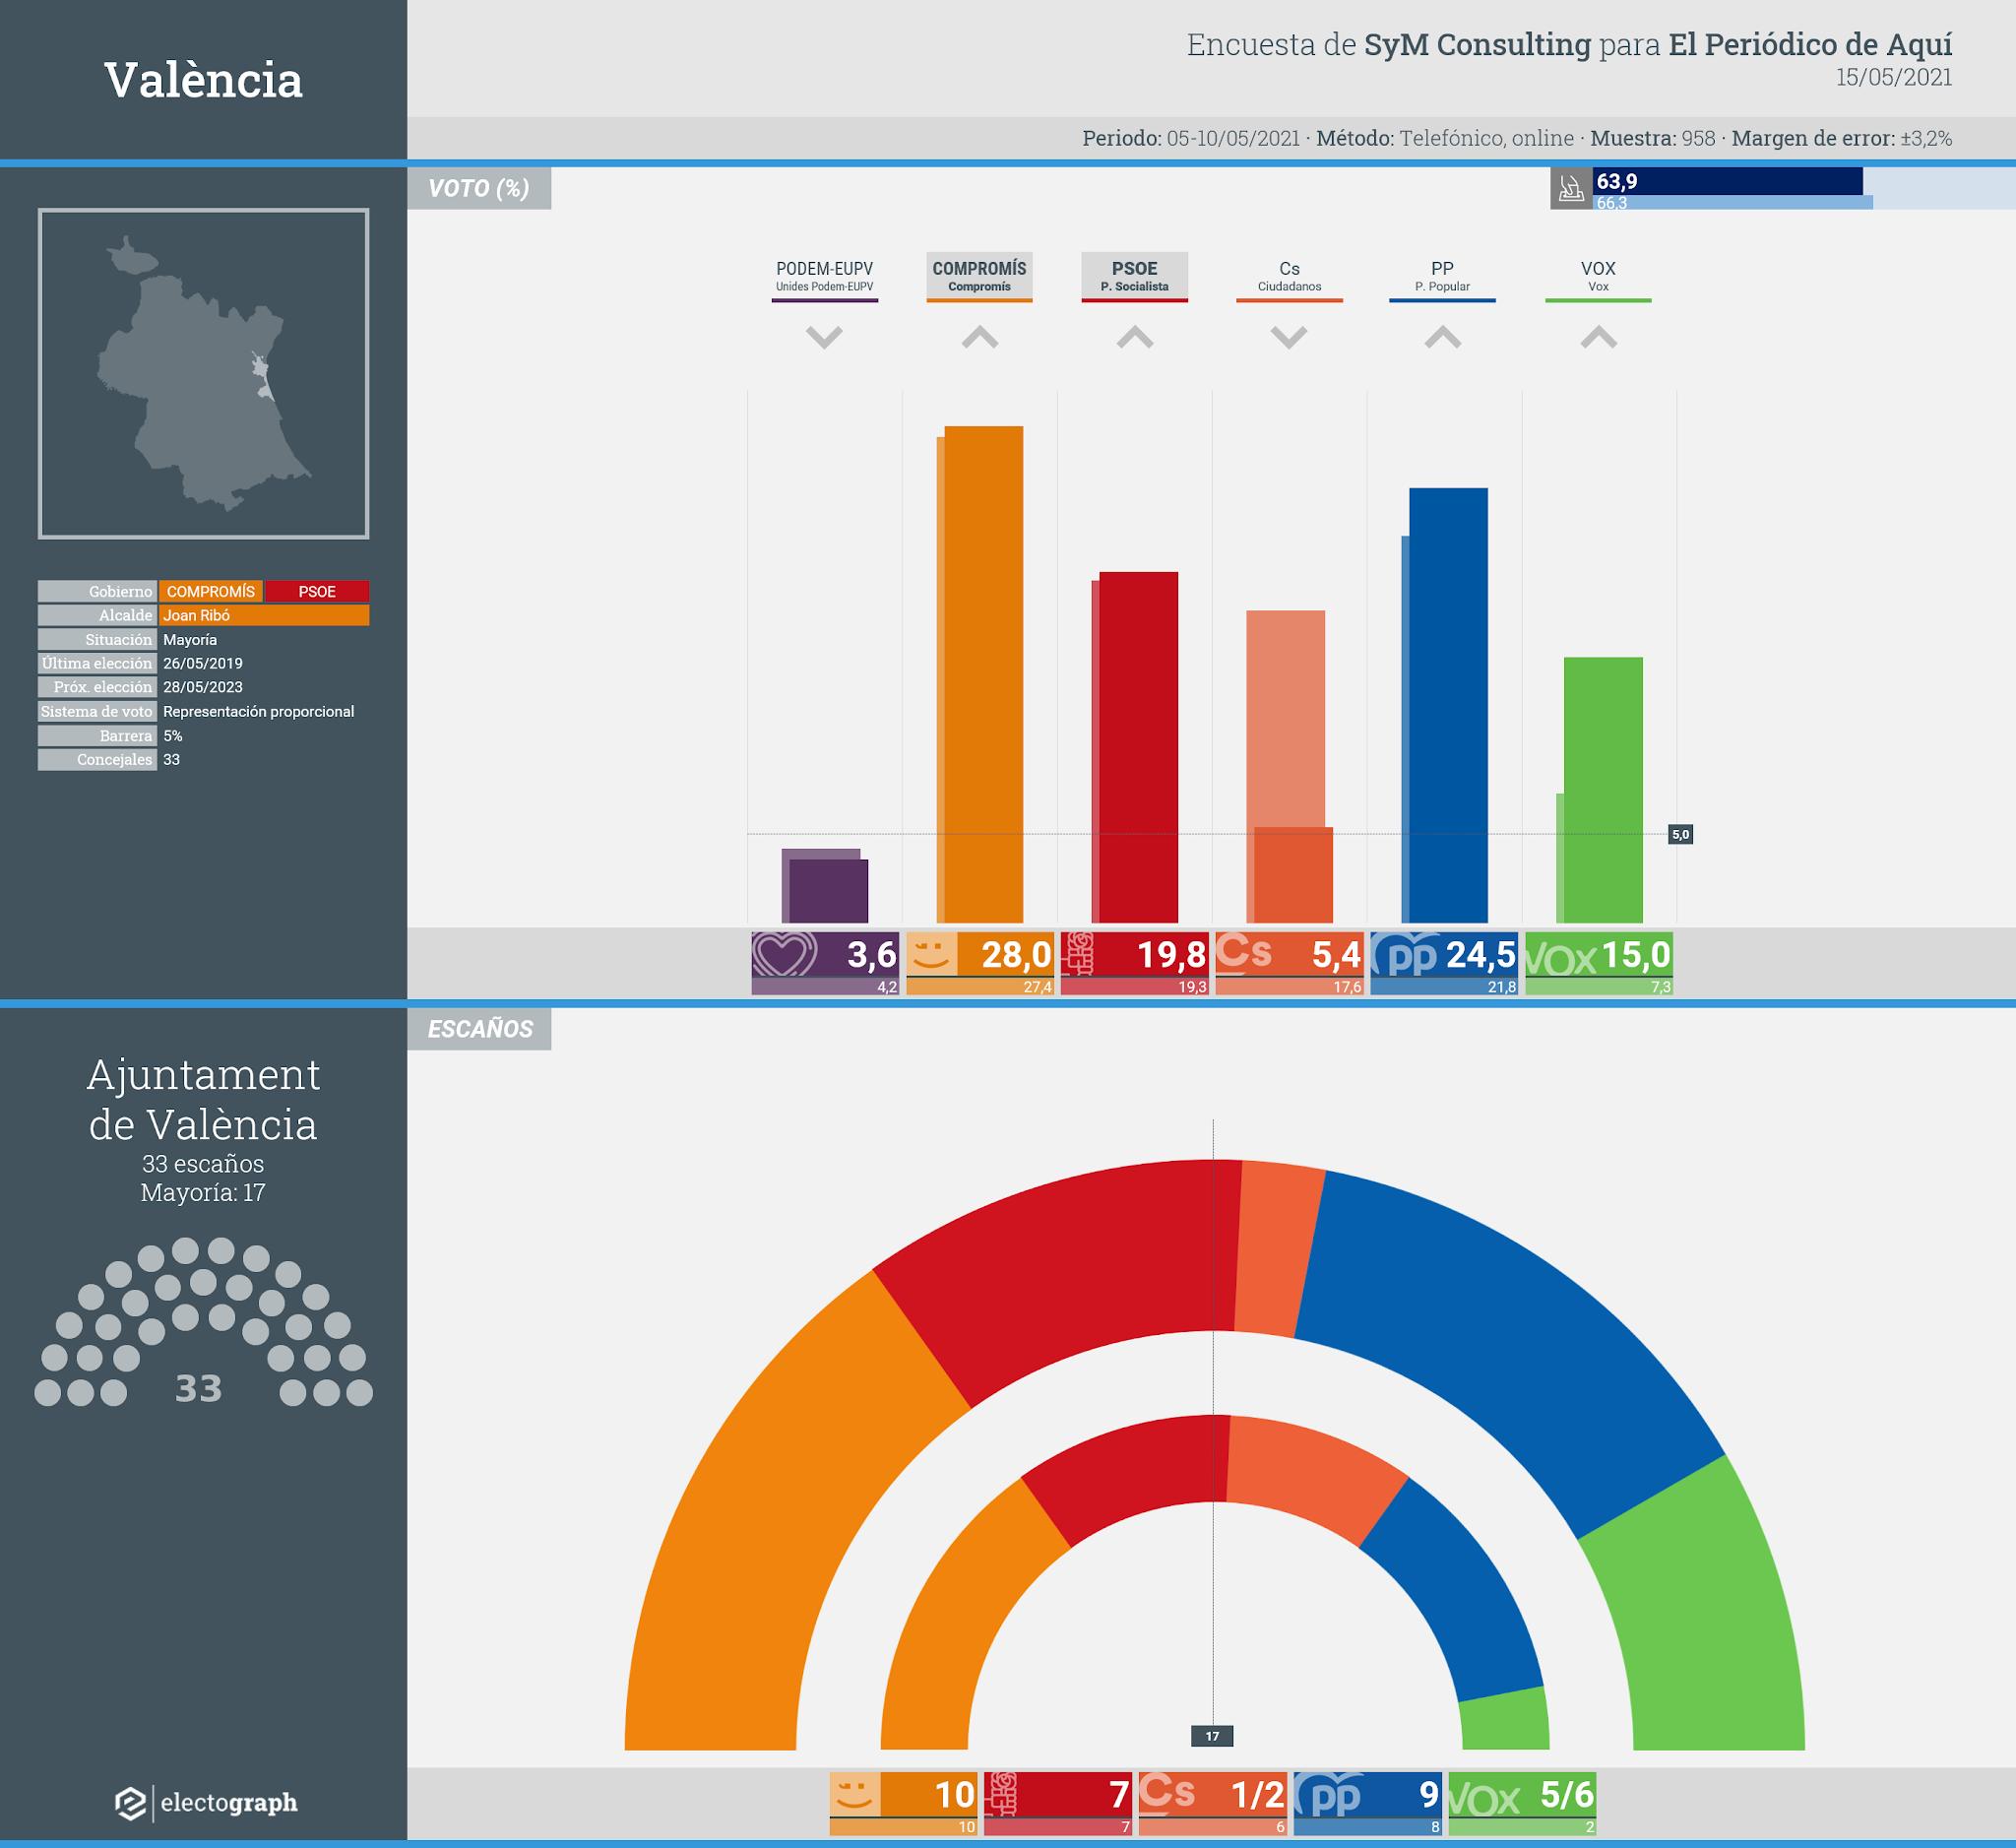 Gráfico de la encuesta para elecciones municipales en València realizada por SyM Consulting para El Periódico de Aquí, 15 de mayo de 2021